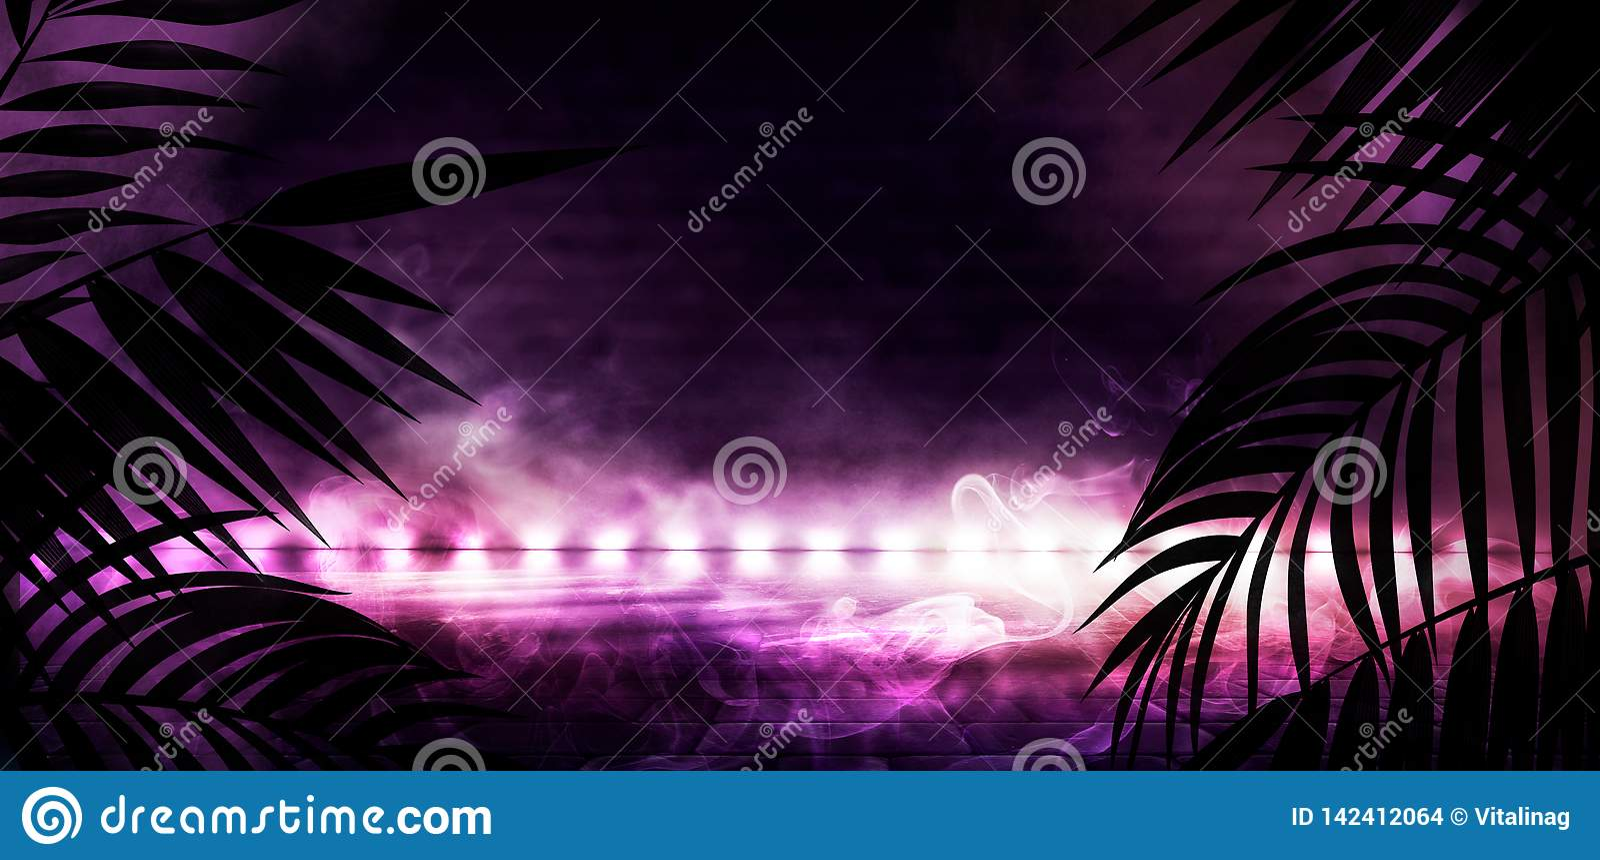 Bakgrund av det mörka rummet, tunnel, korridor, neonljus, lampor, tropiska sidor